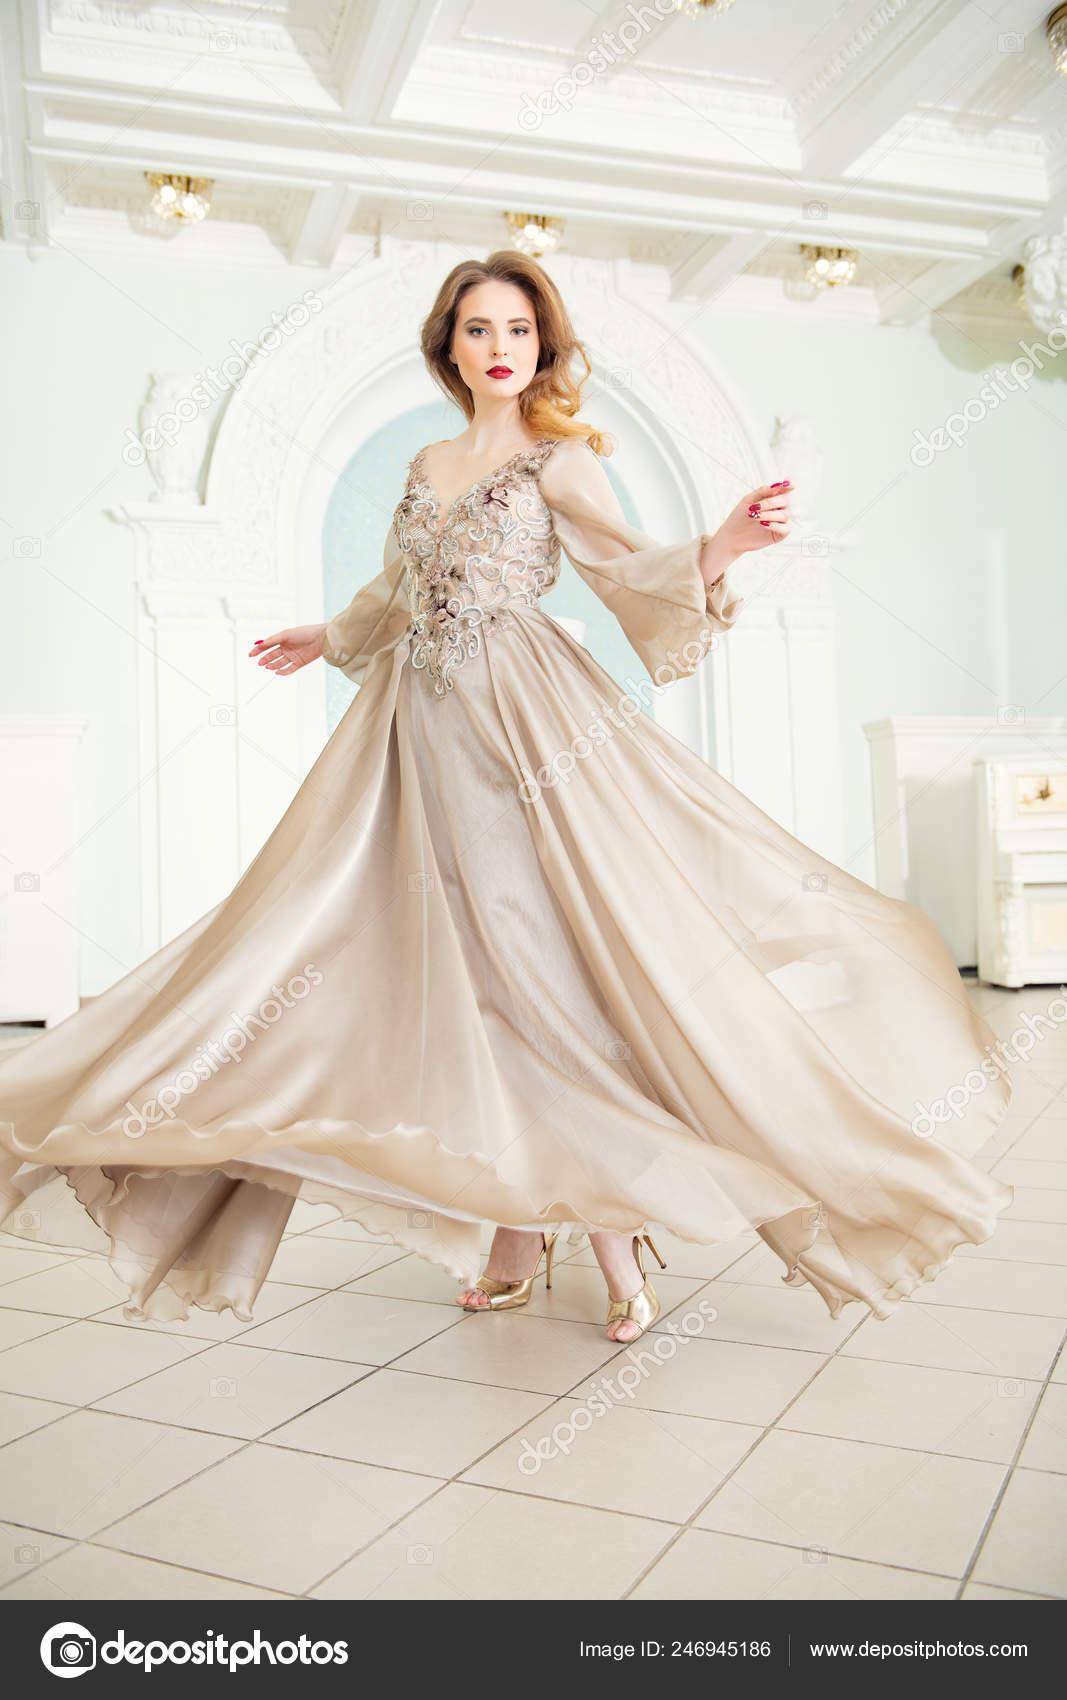 Retrato Una Hermosa Mujer Elegante Vestido Novia